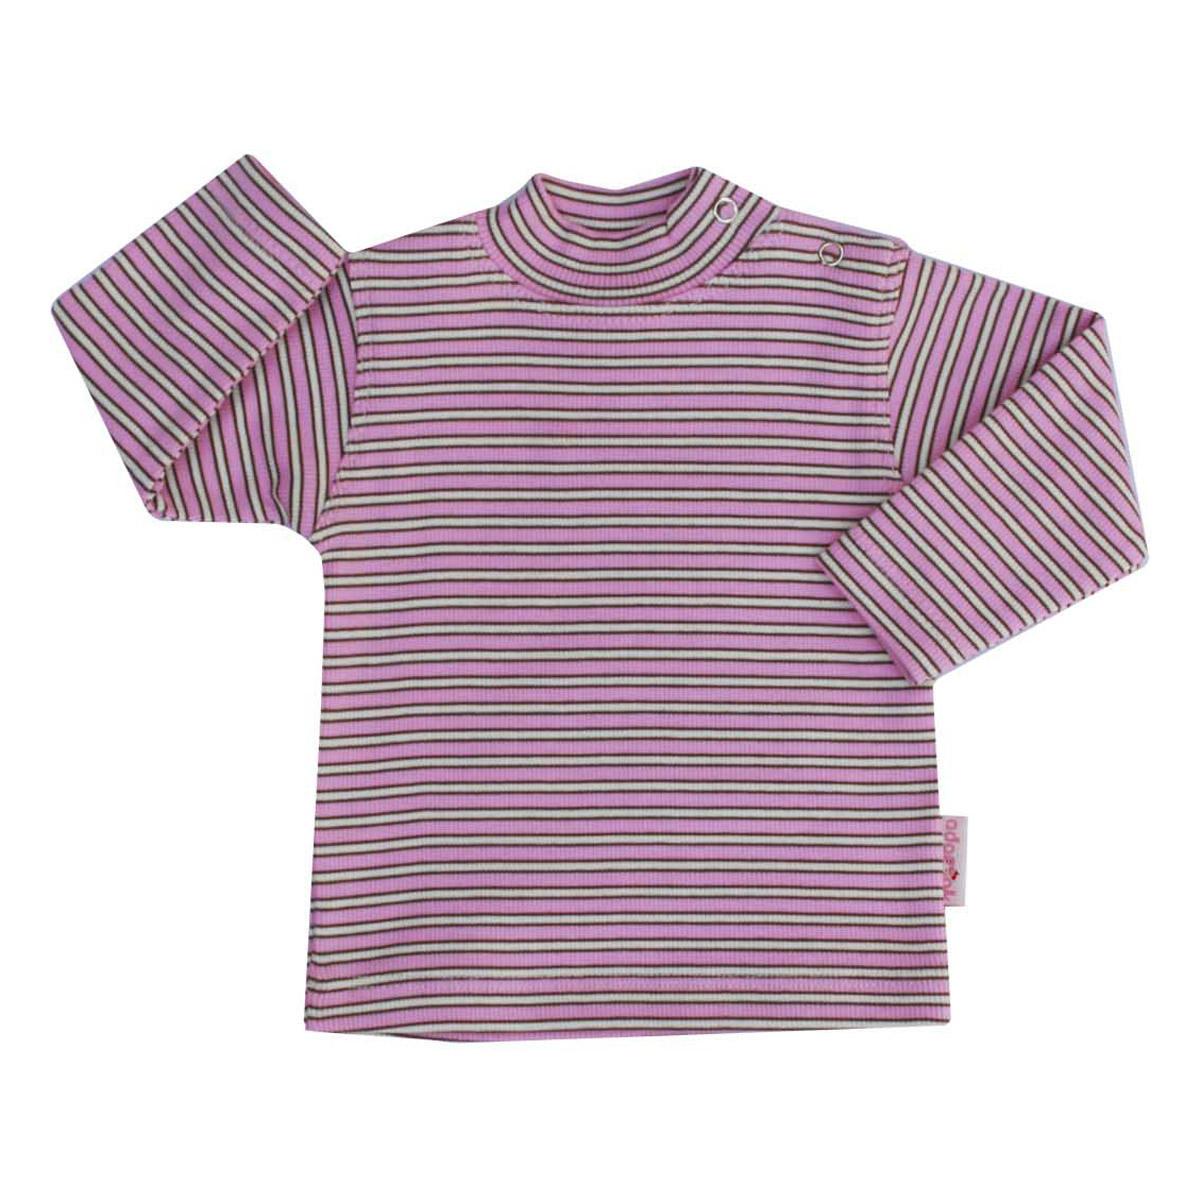 تی شرت دخترانه آدمک طرح راه راه کد 15-1446011 -  - 3